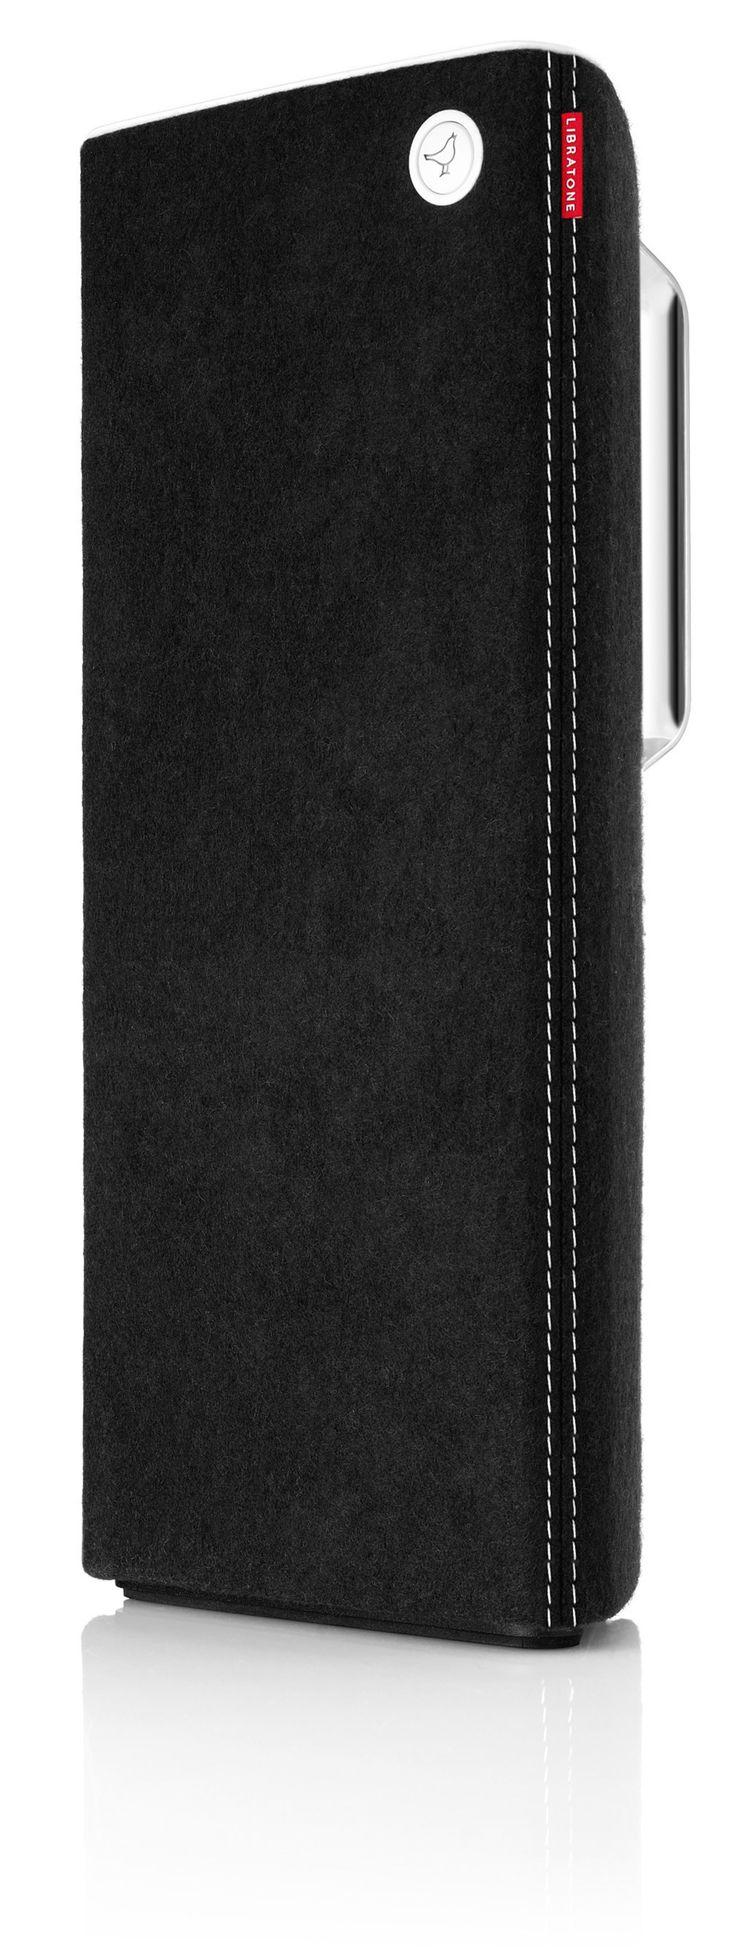 Libratone: Live AirPlay speaker Zwart  Libratone Live AirPlay speaker Zwart  De uniek gevormde Libratone Live (zwart) staat prachtig in elk interieur. Maar daar koop je hem natuurlijk niet voor. Deze Scandinavische design-luidspreker doet namelijk méér dan mooi zijn. De bas de dubbele midrange speakers en dubbele tweeters spelen jouw muziek namelijk kraakhelder af waarbij elk detail en elke nuance hoorbaar is. Dankzij de gepatenteerde FullRoom-technologie geniet je altijd van kamervullend…